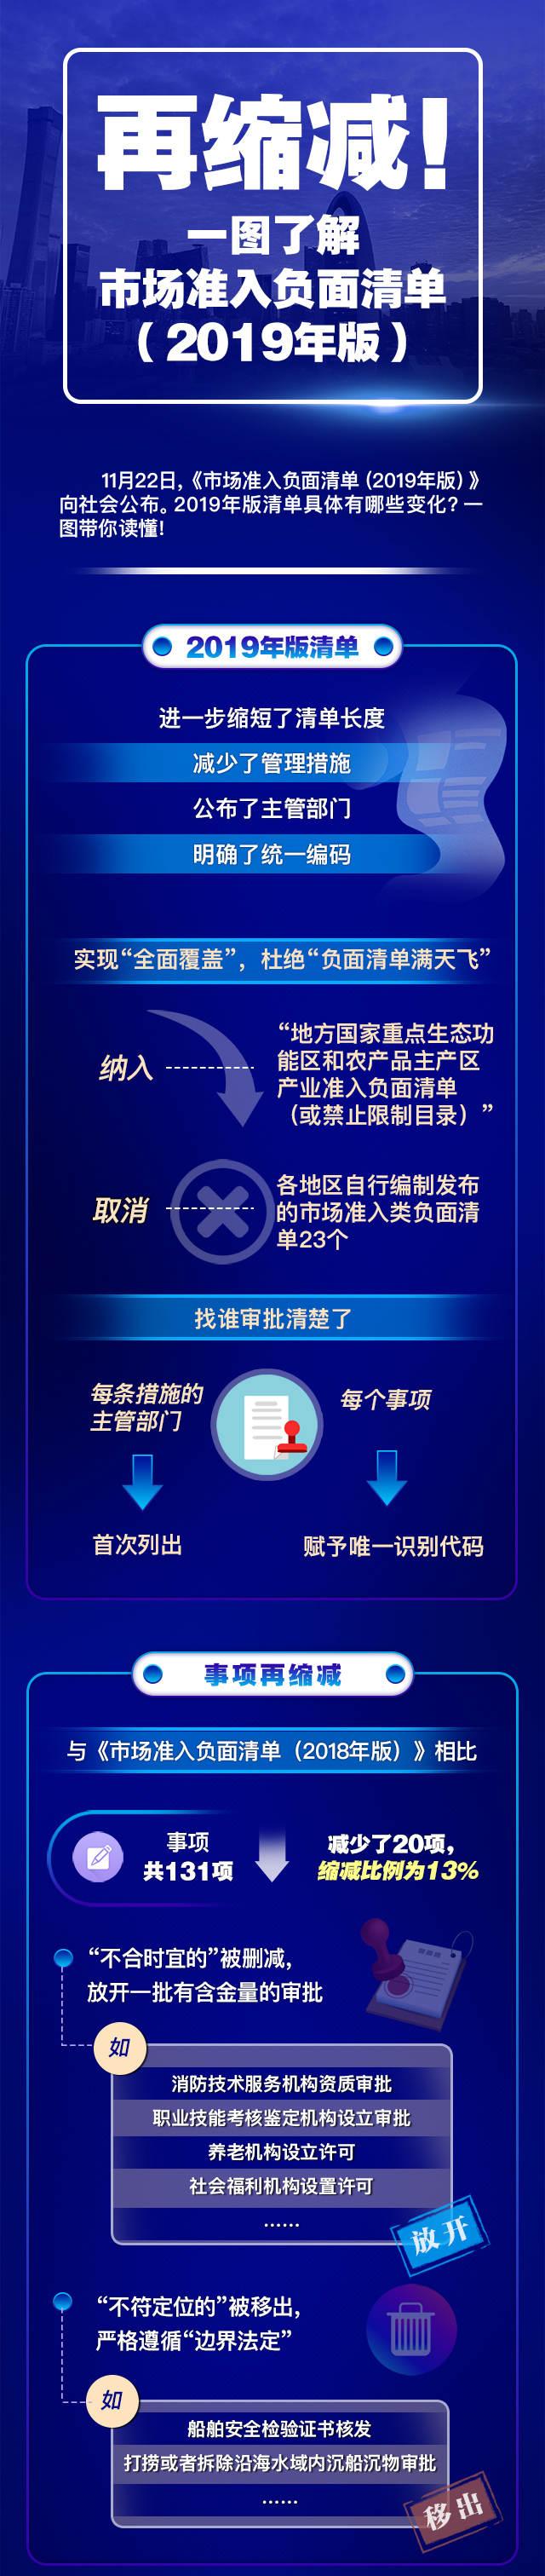 """「炫乐彩票网注册」超级口岸来了:""""新横琴口岸""""通关在即"""